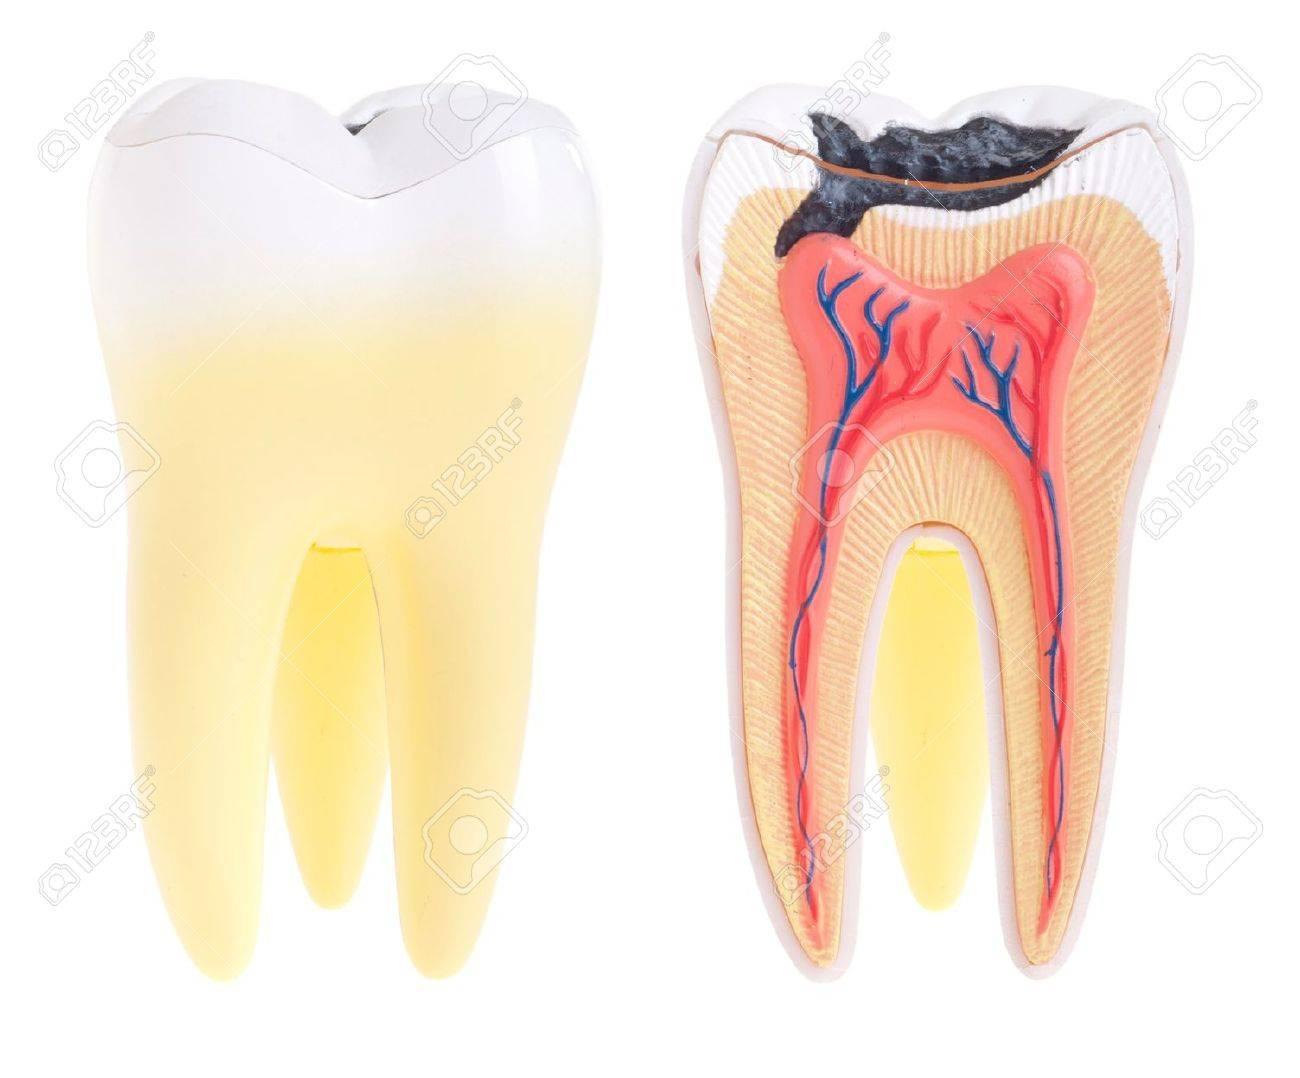 Anatomie (vital Zahn, Struktur, Knochen, Bänder) Isolated On White ...